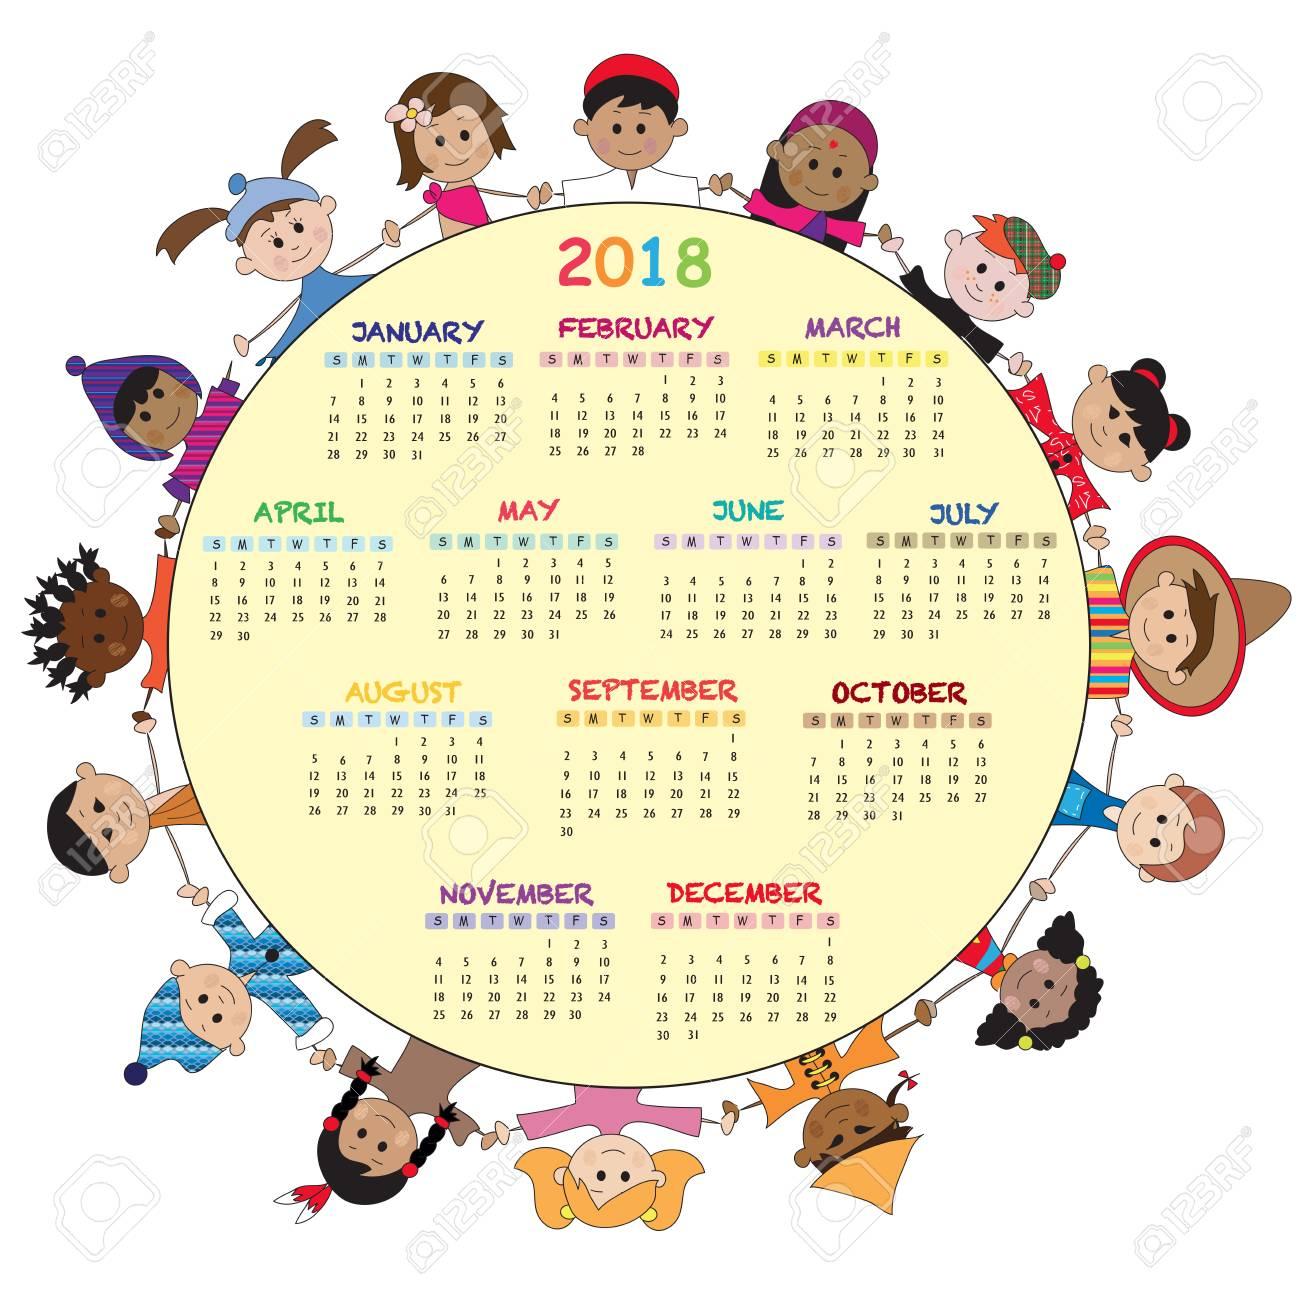 Calendario 2018 Con Los Niños Felices Fotos, Retratos, Imágenes Y ...